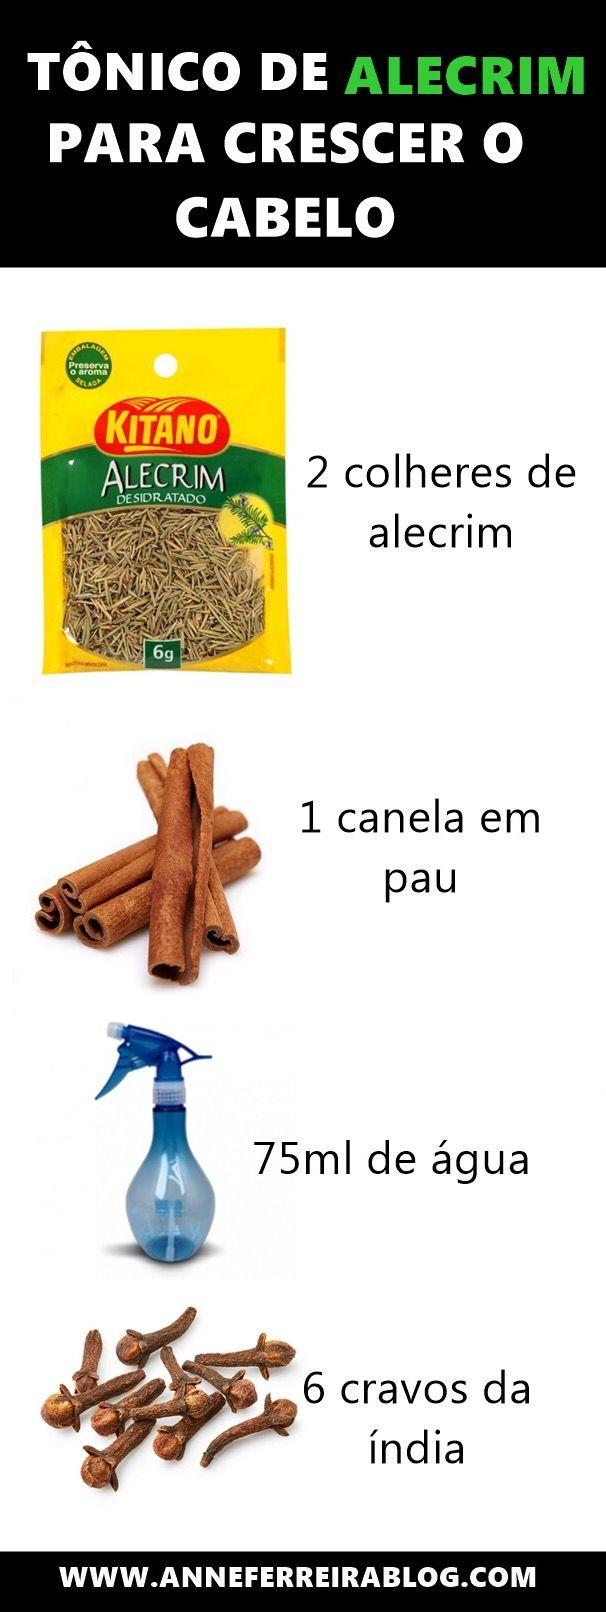 TÔNICO DE ALECRIM PARA CRESCER O CABELO – ME